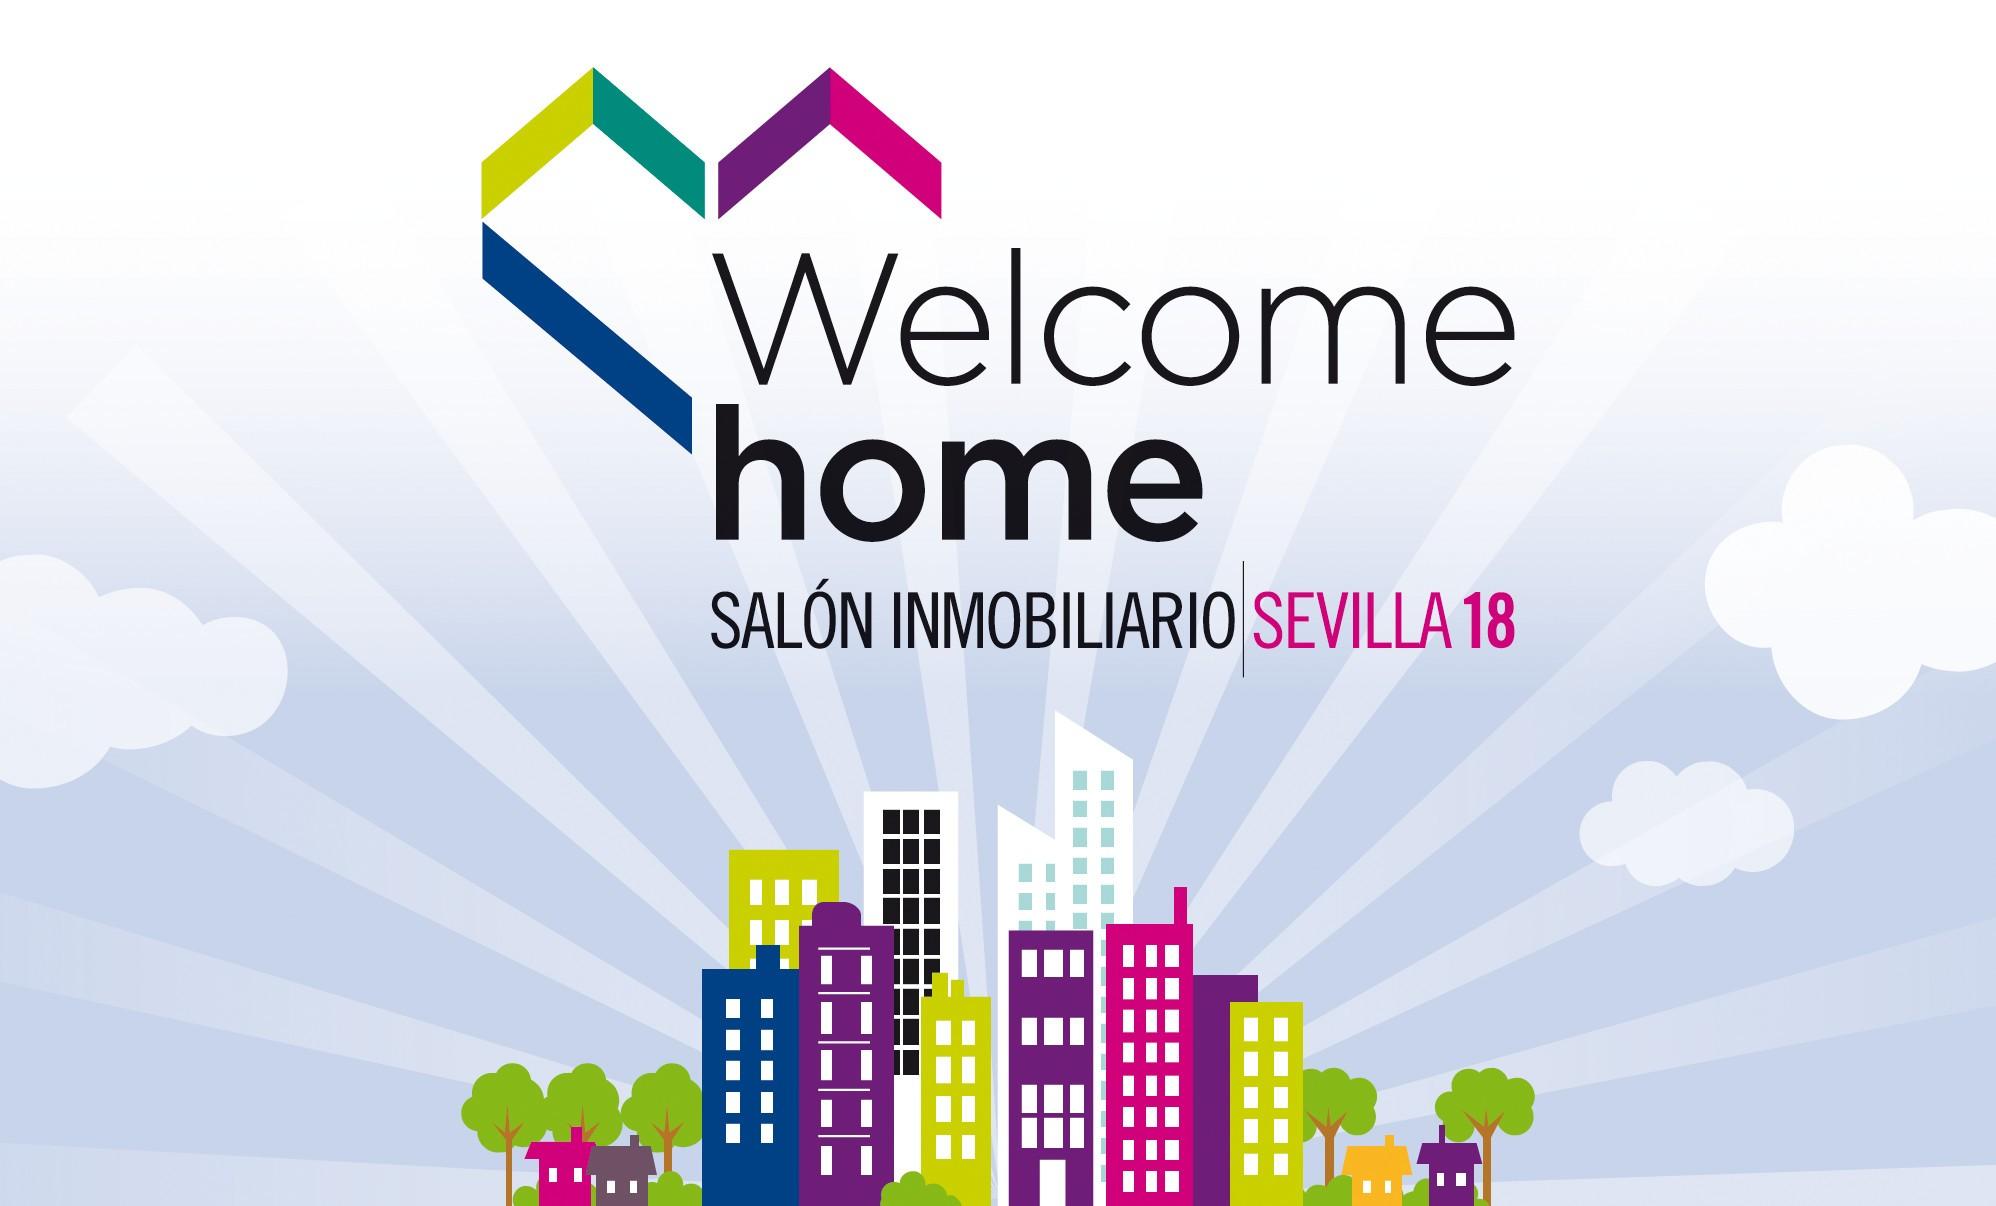 Gabriel Rojas presentará sus promociones inmobiliarias en Sevilla en el Salón Welcome Home - Grupo Gabriel Rojas